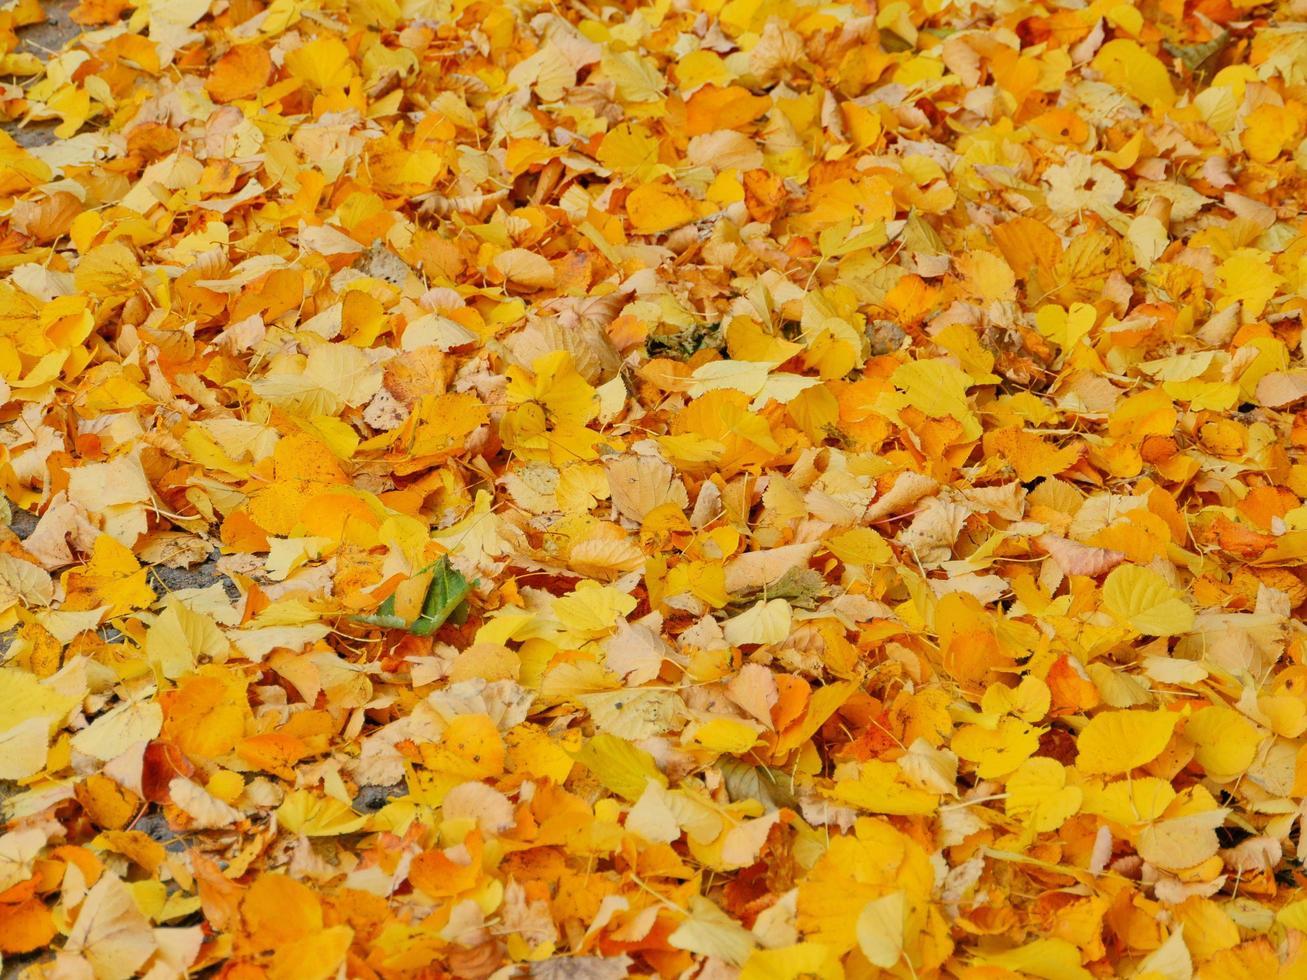 chute de feuilles jaunes, chute de feuilles d'automne, tapis de feuilles jaunes photo